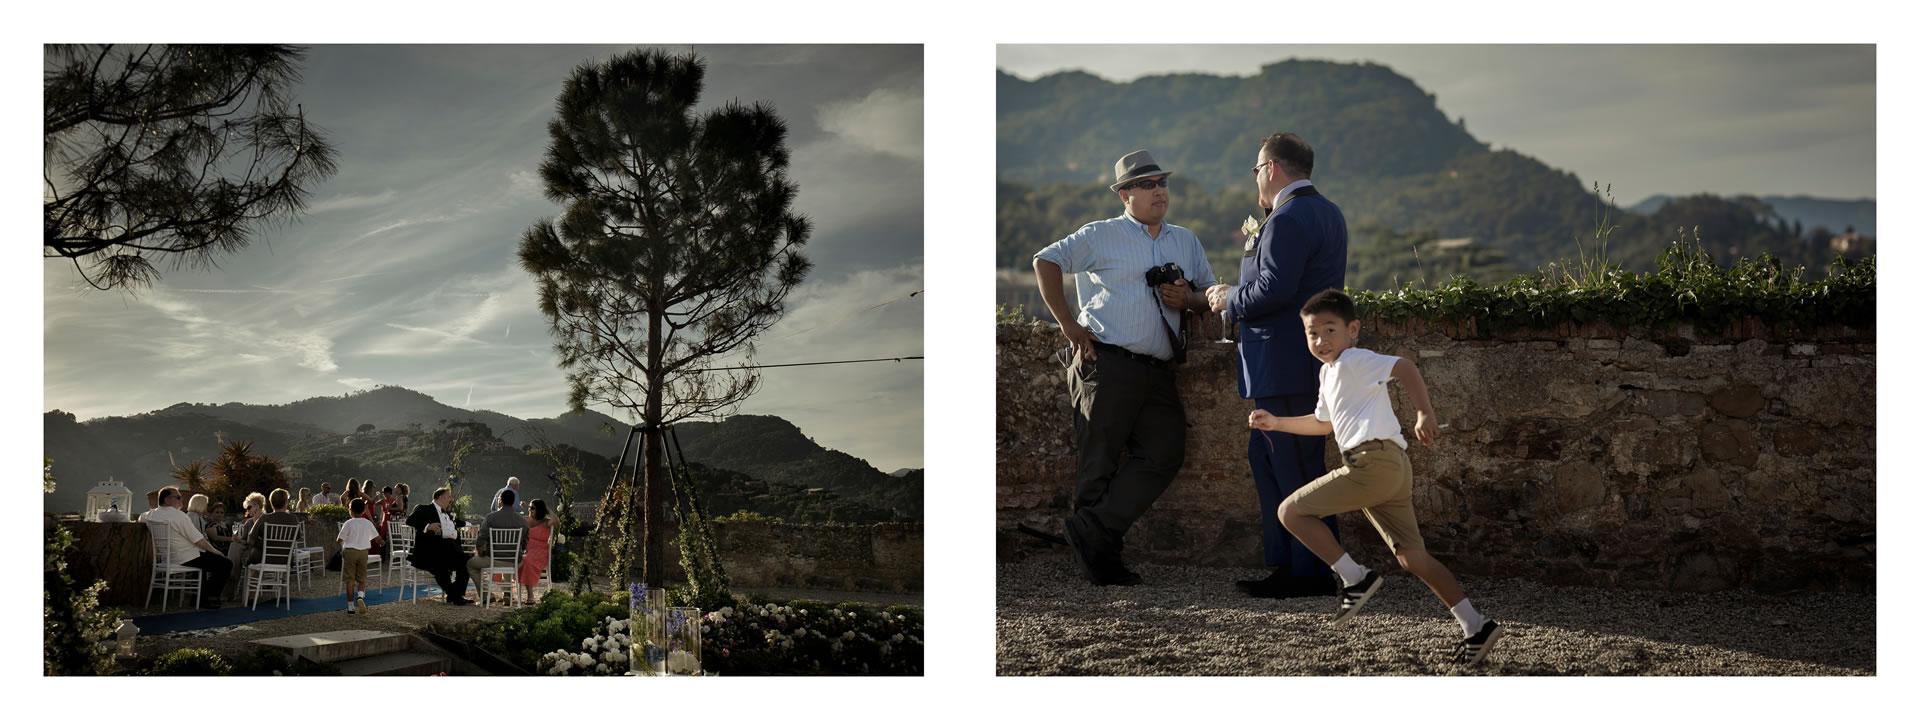 same-sex-love-in-portofino-david-bastianoni-photographer-00027 - 27 :: Wedding in Portofino // WPPI 2018 // The man that I love :: Luxury wedding photography - 26 :: same-sex-love-in-portofino-david-bastianoni-photographer-00027 - 27